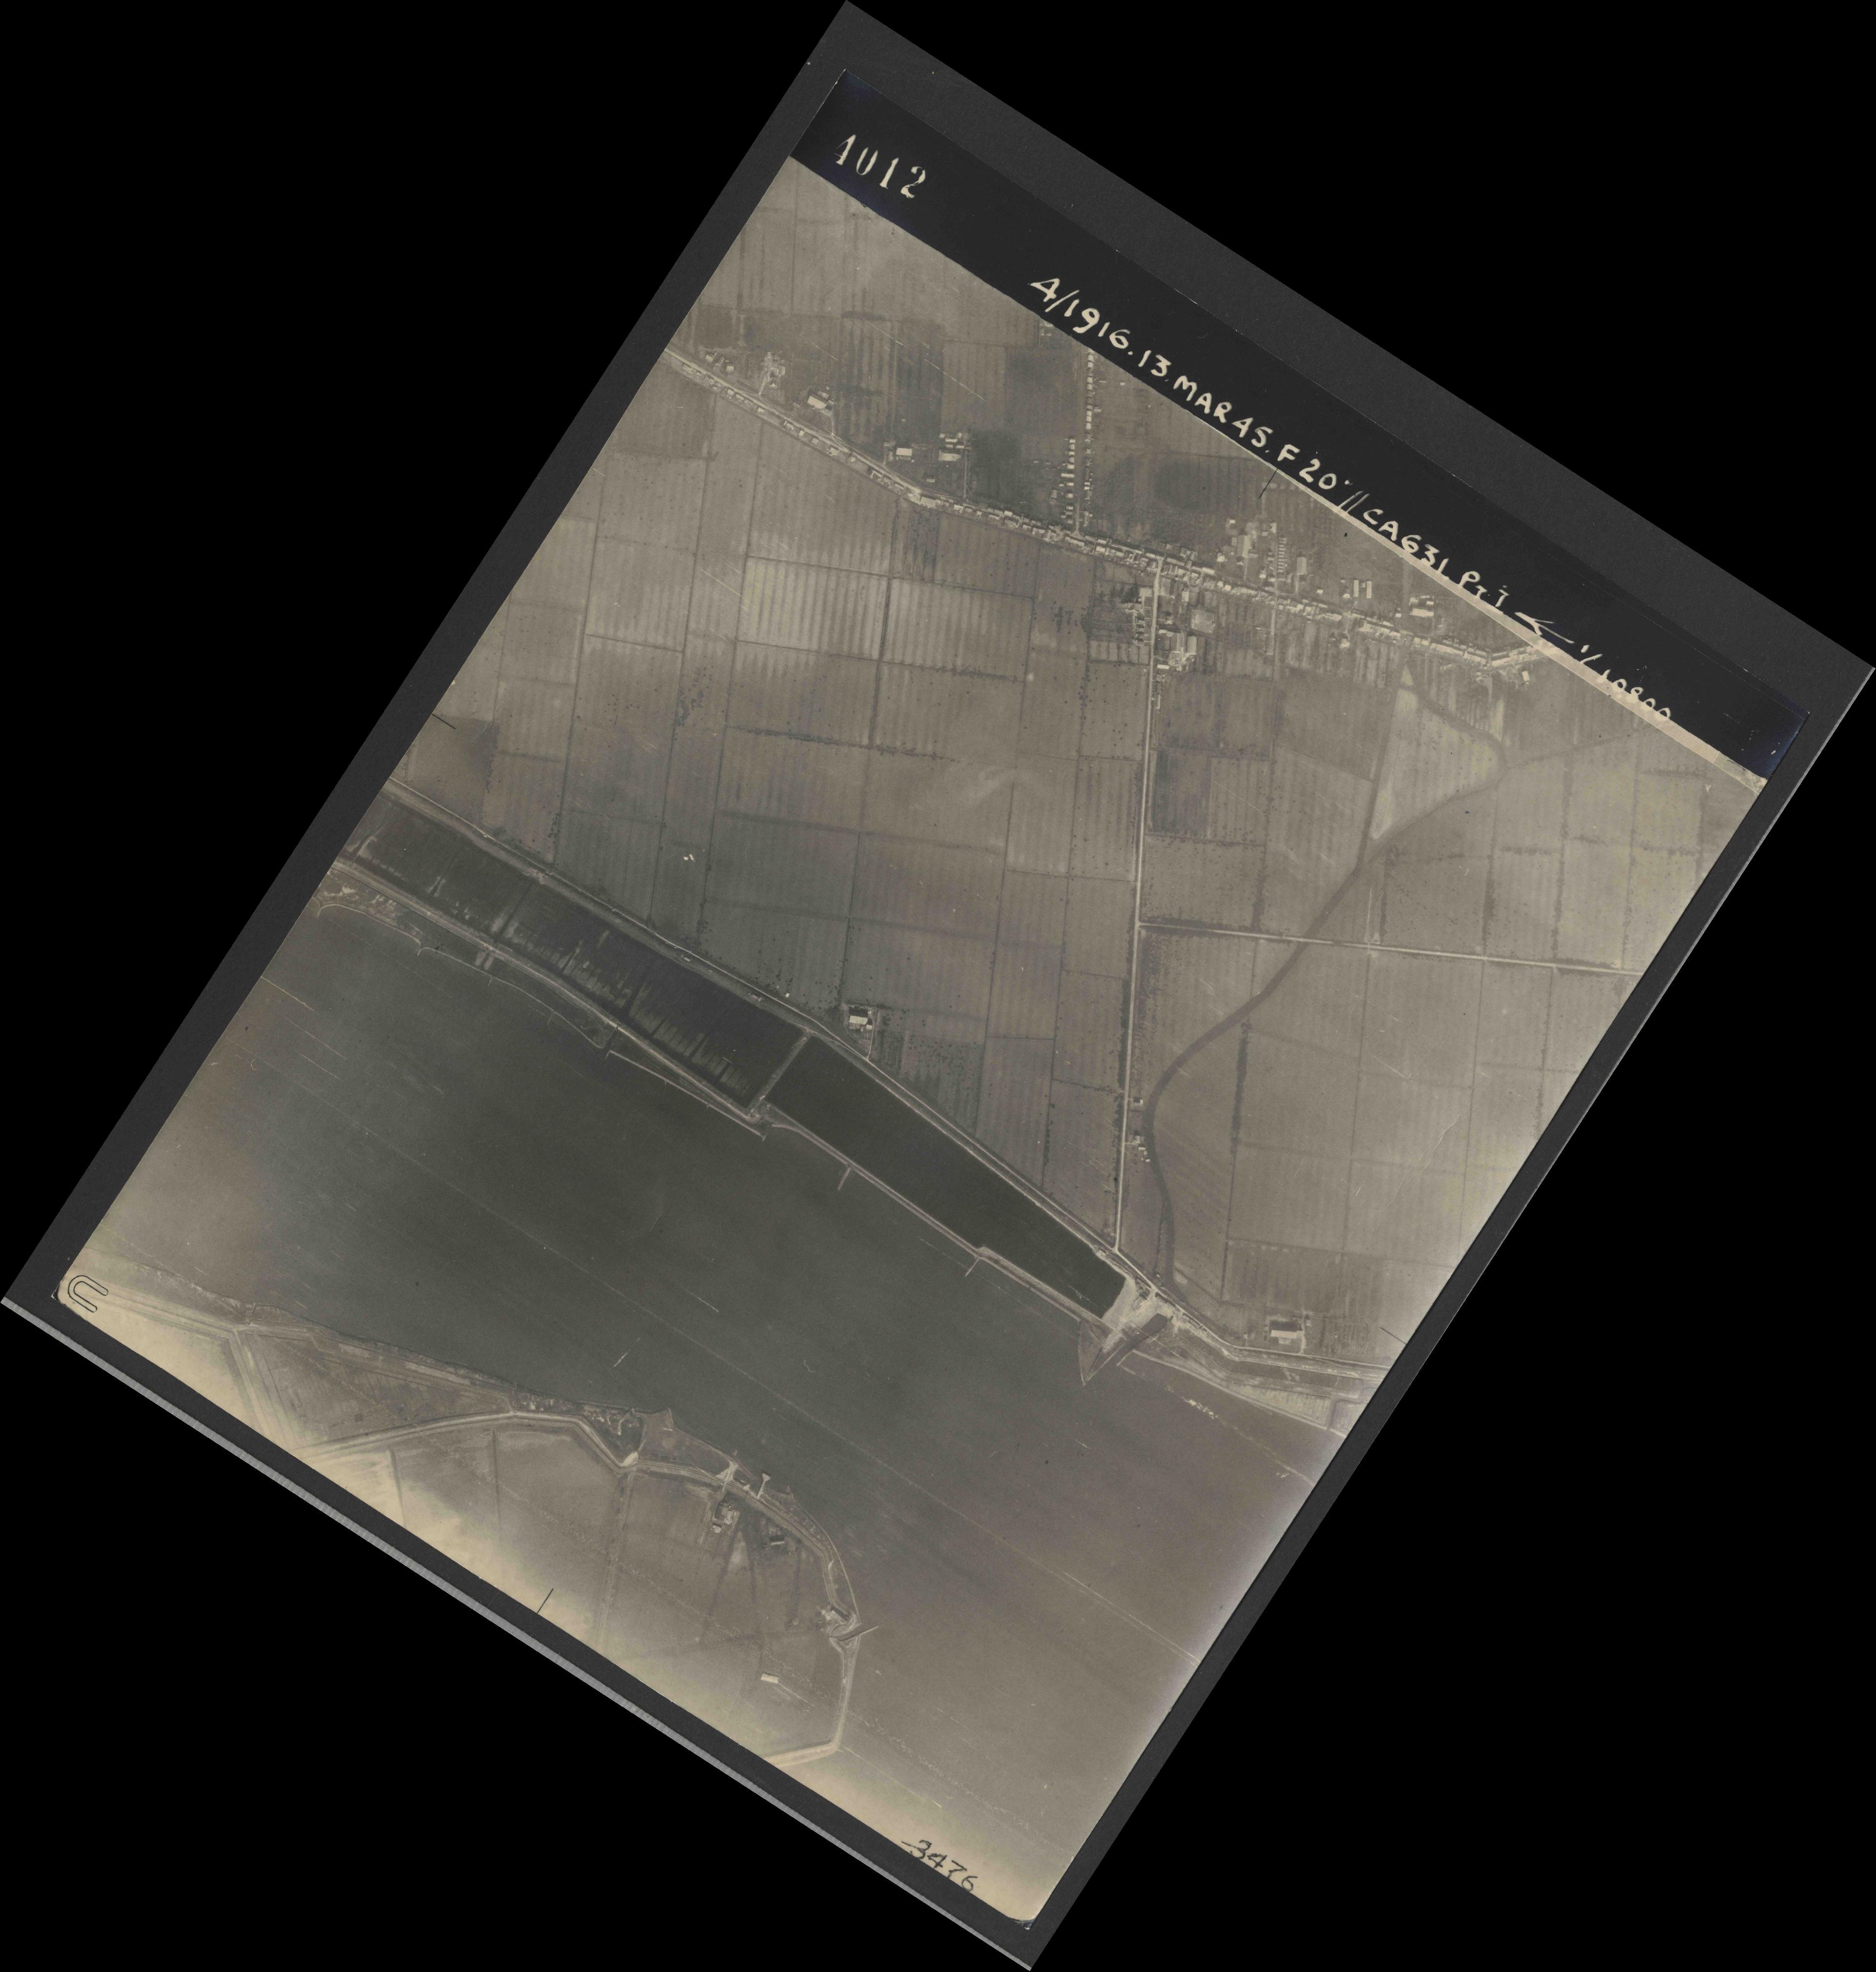 Collection RAF aerial photos 1940-1945 - flight 085, run 03, photo 4012